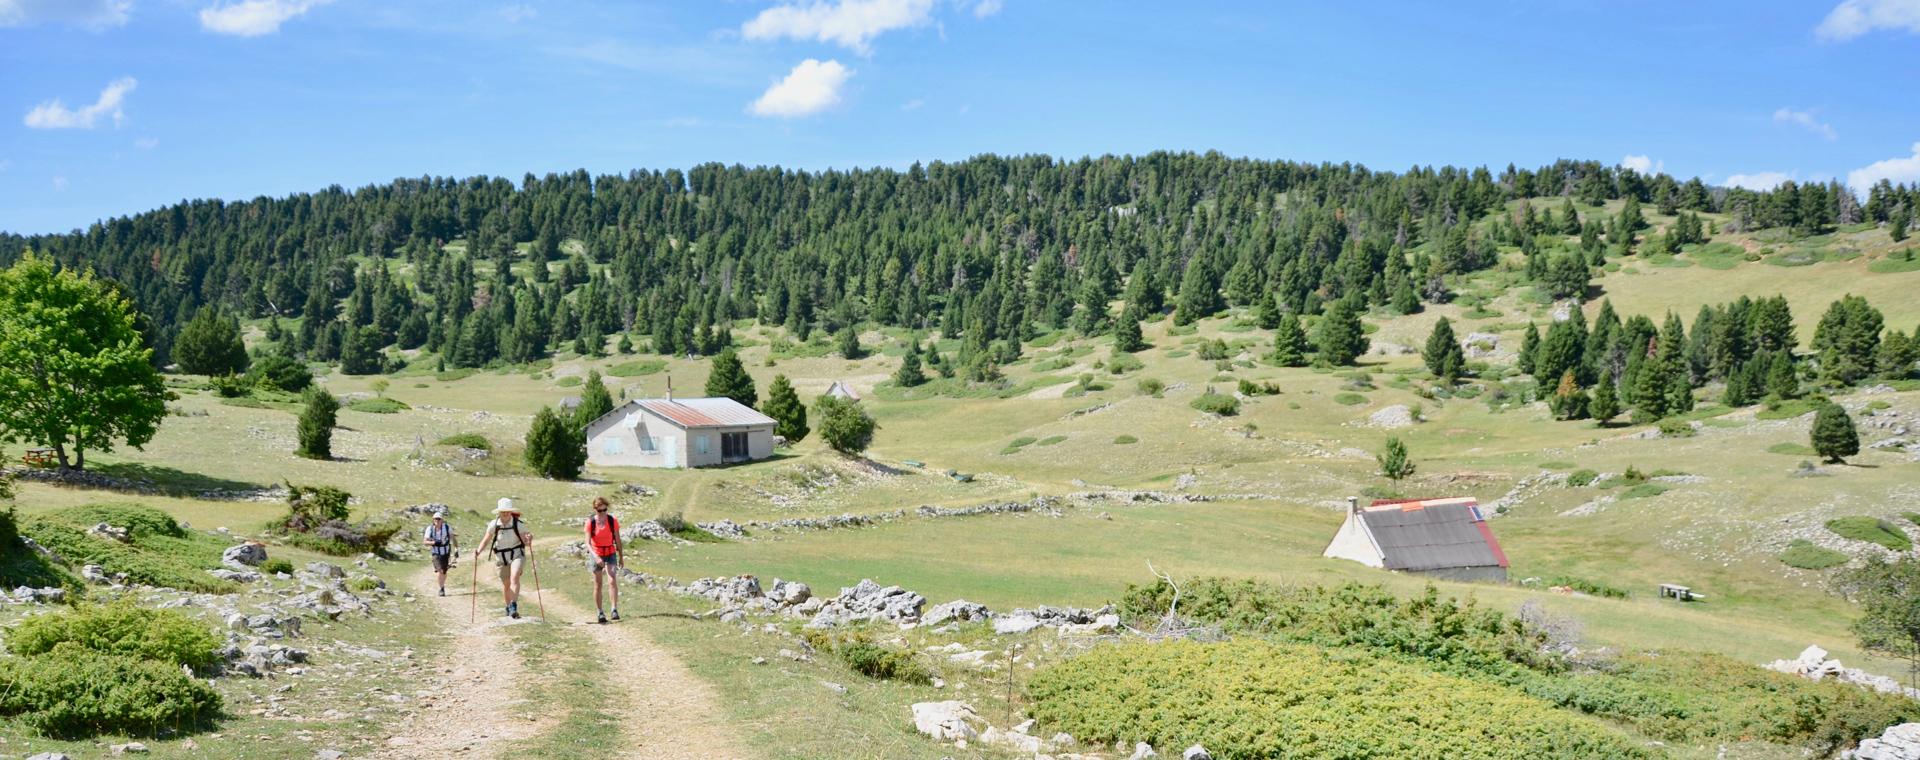 Voyage à pied : Tour des hauts plateaux du Vercors et du mont Aiguille